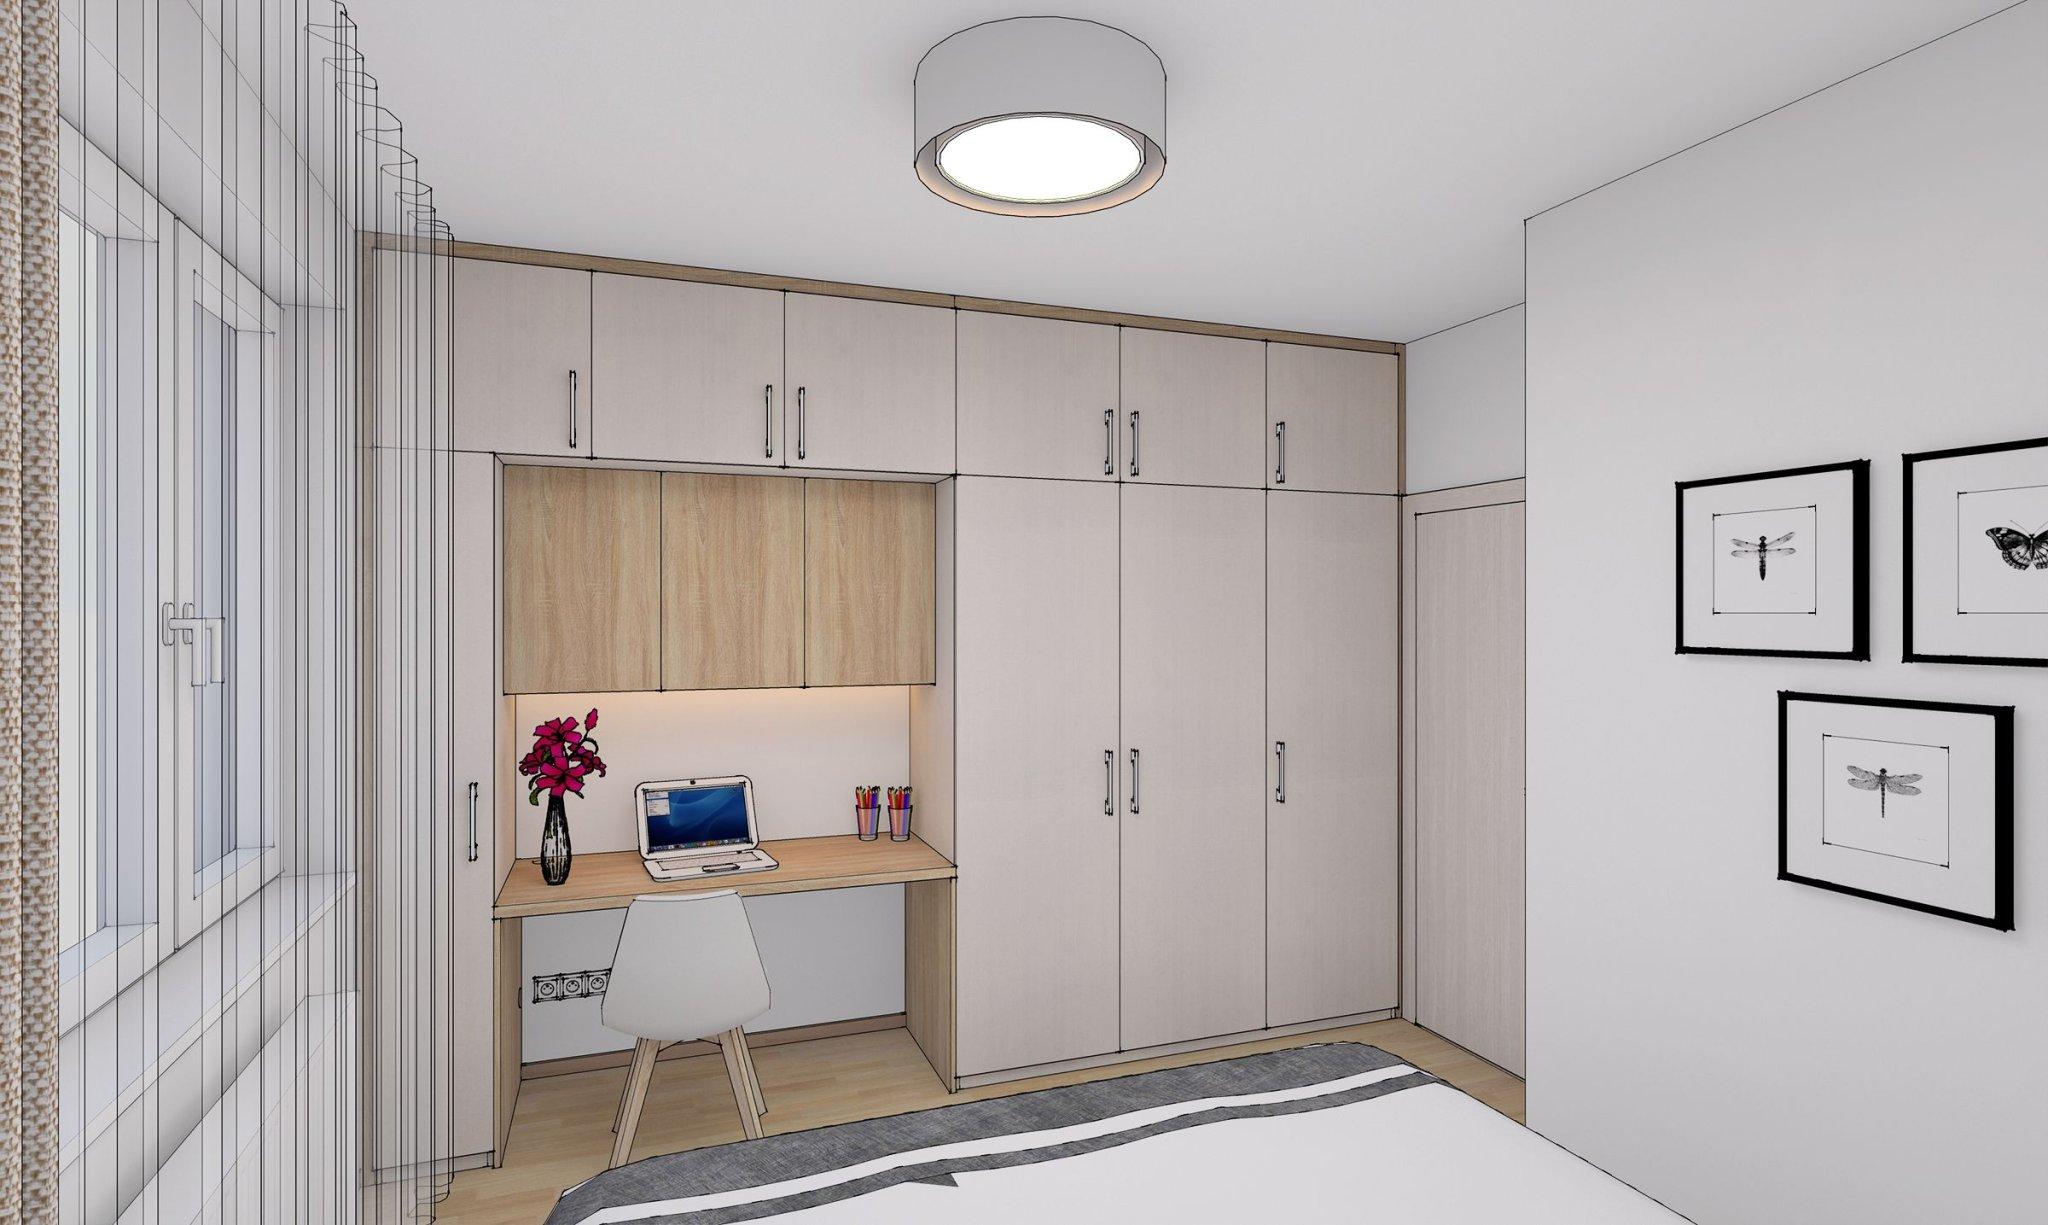 návrh interiéru bytu - ložnice